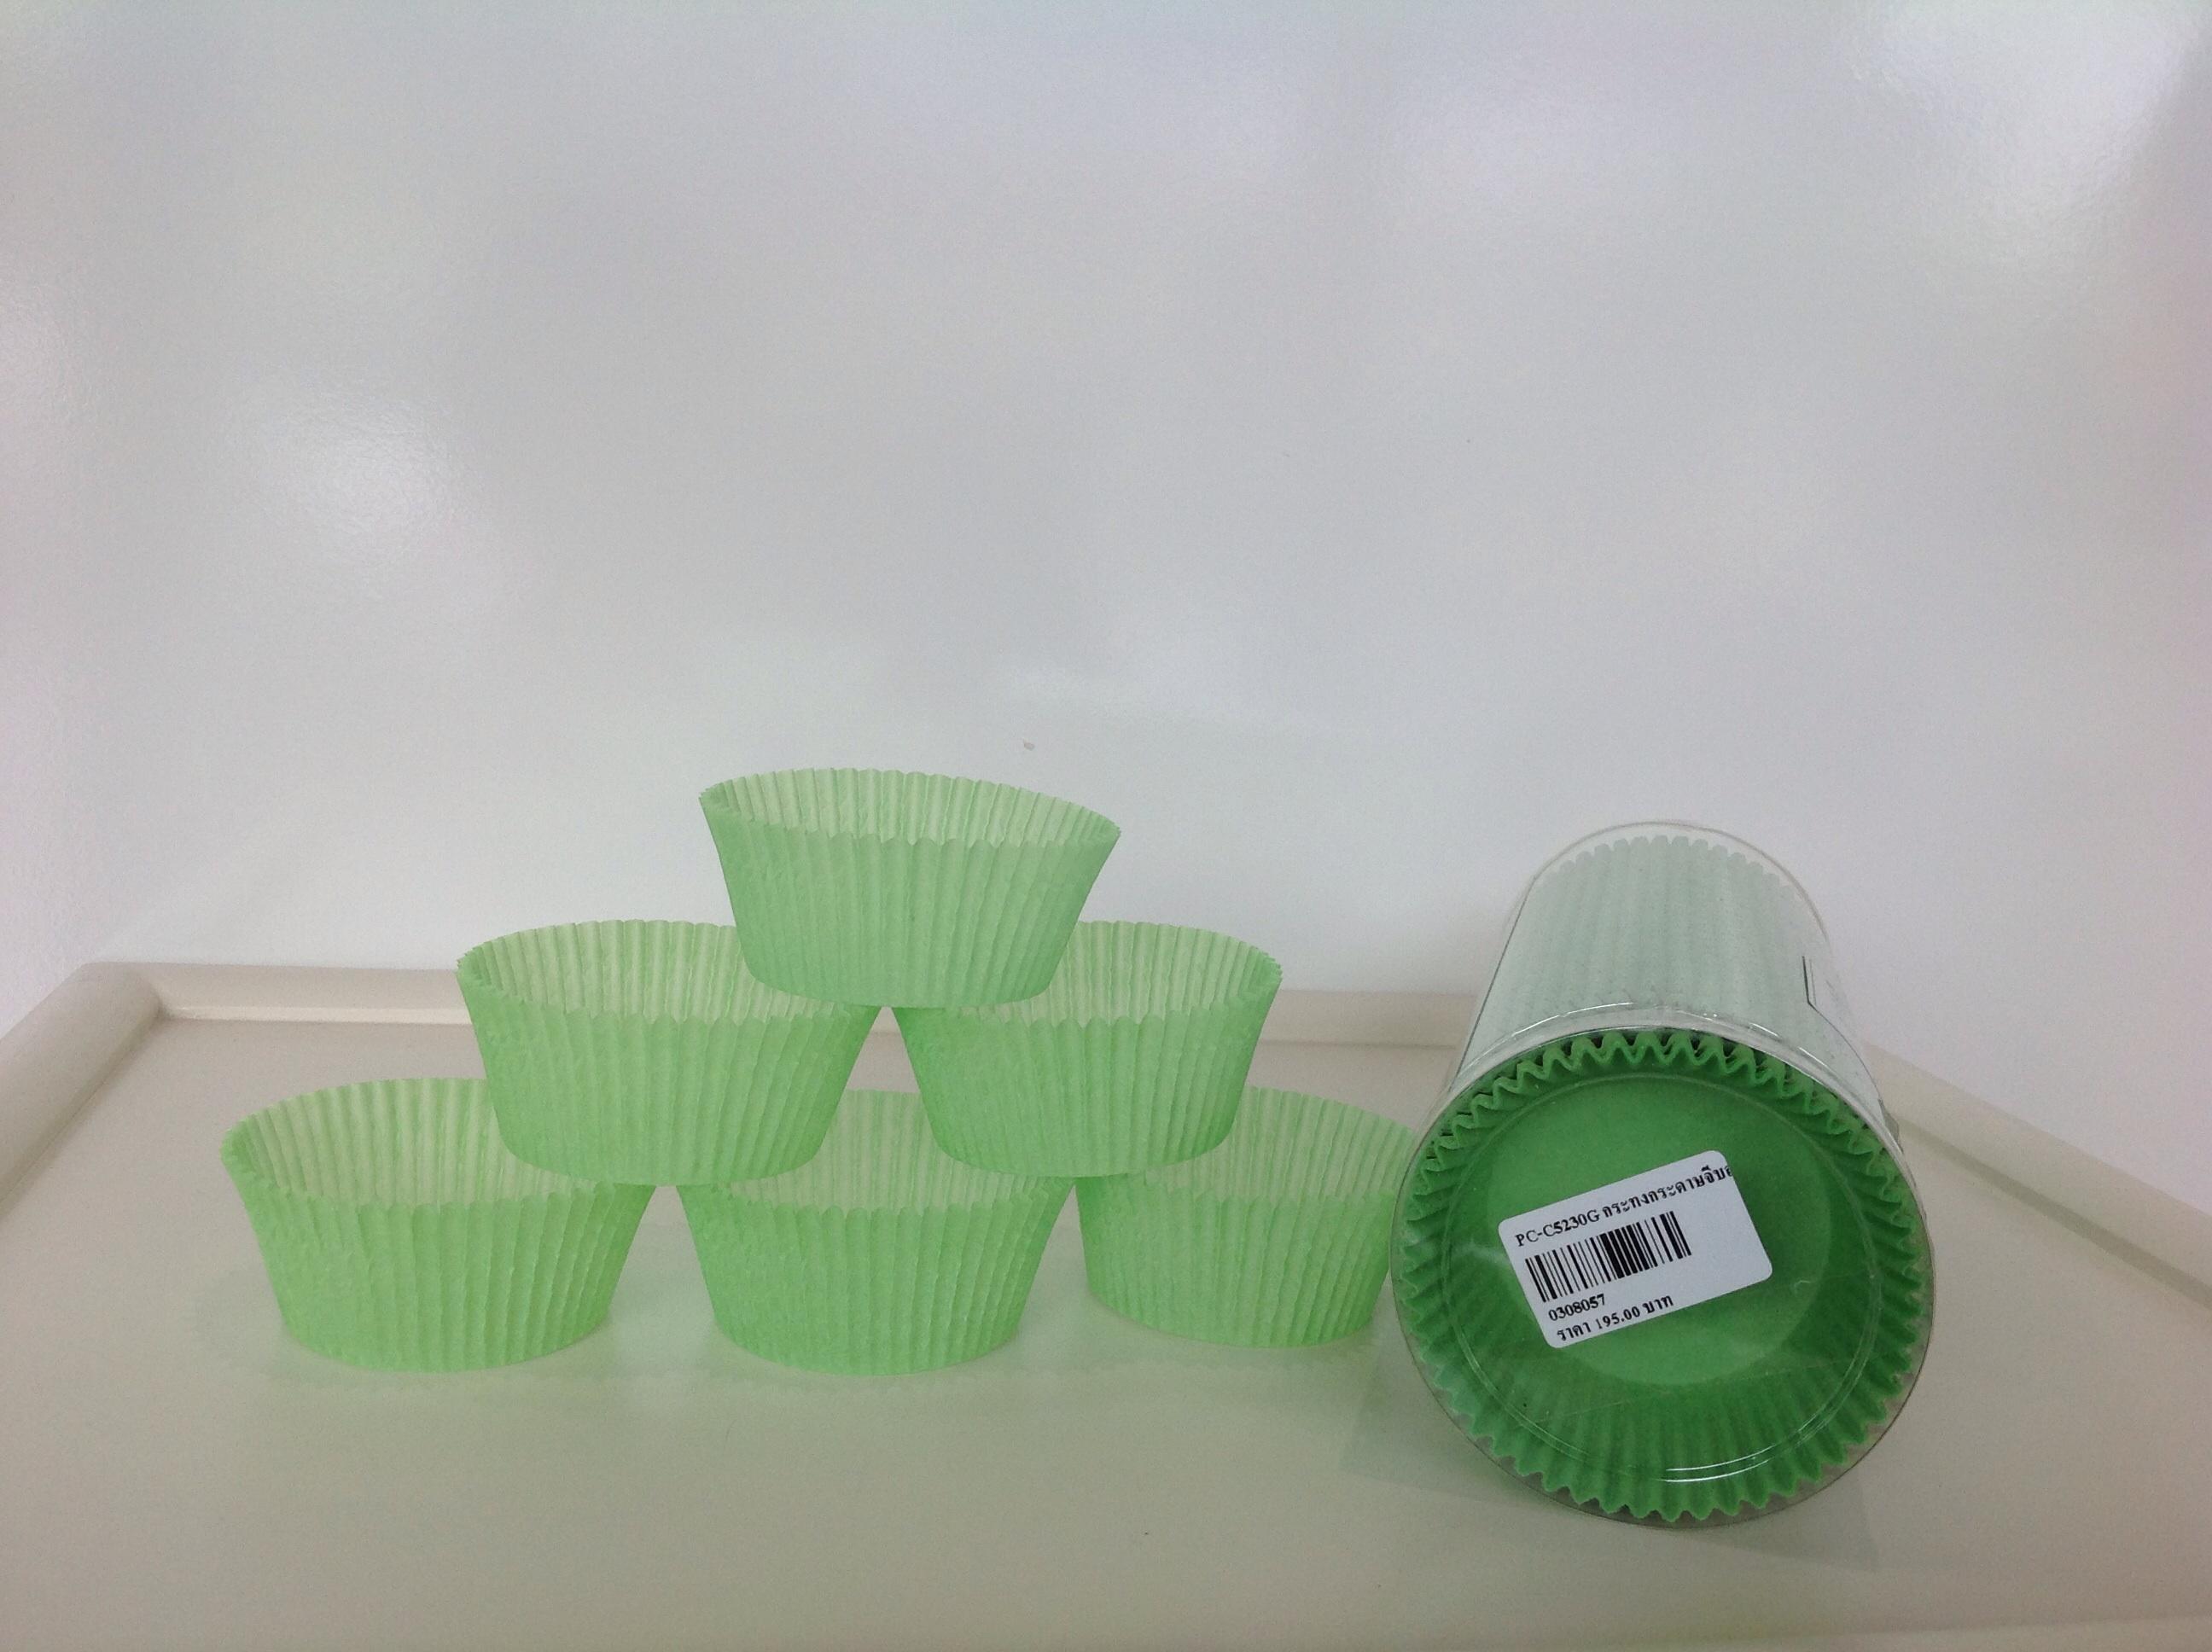 PC-C5230G กระทงกระดาษจีบสีเขียว